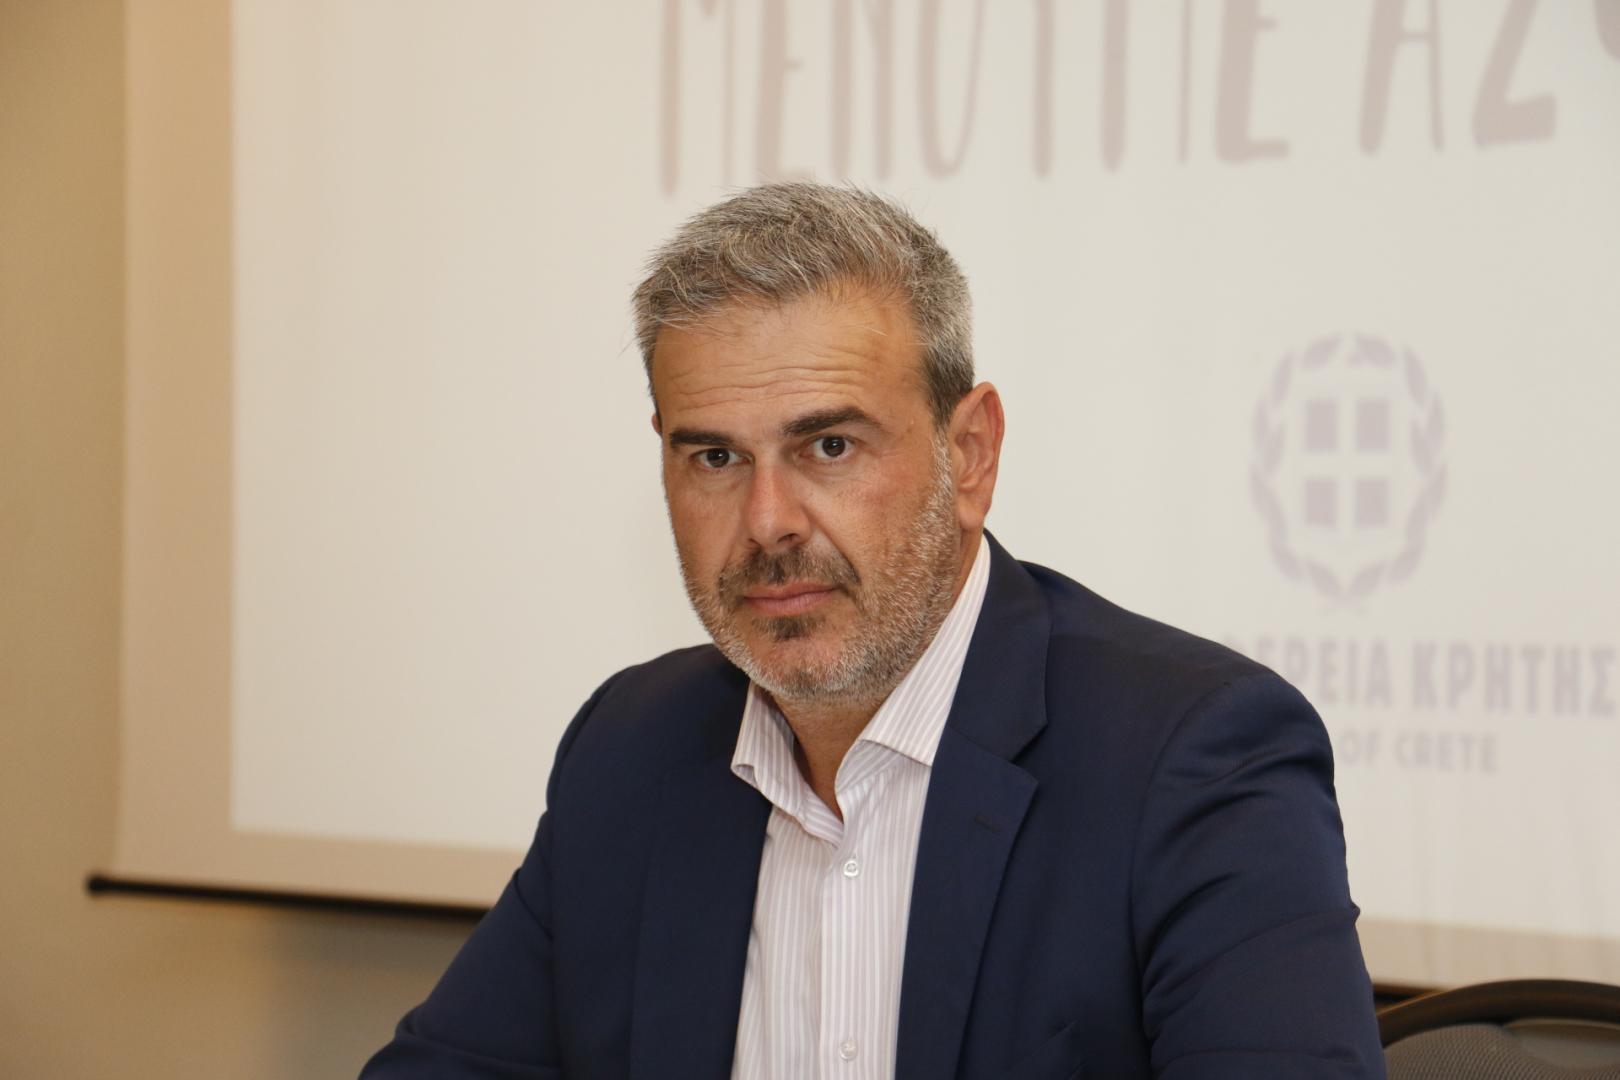 fragkakis dimitris gnto 2020 αφελληνισμού